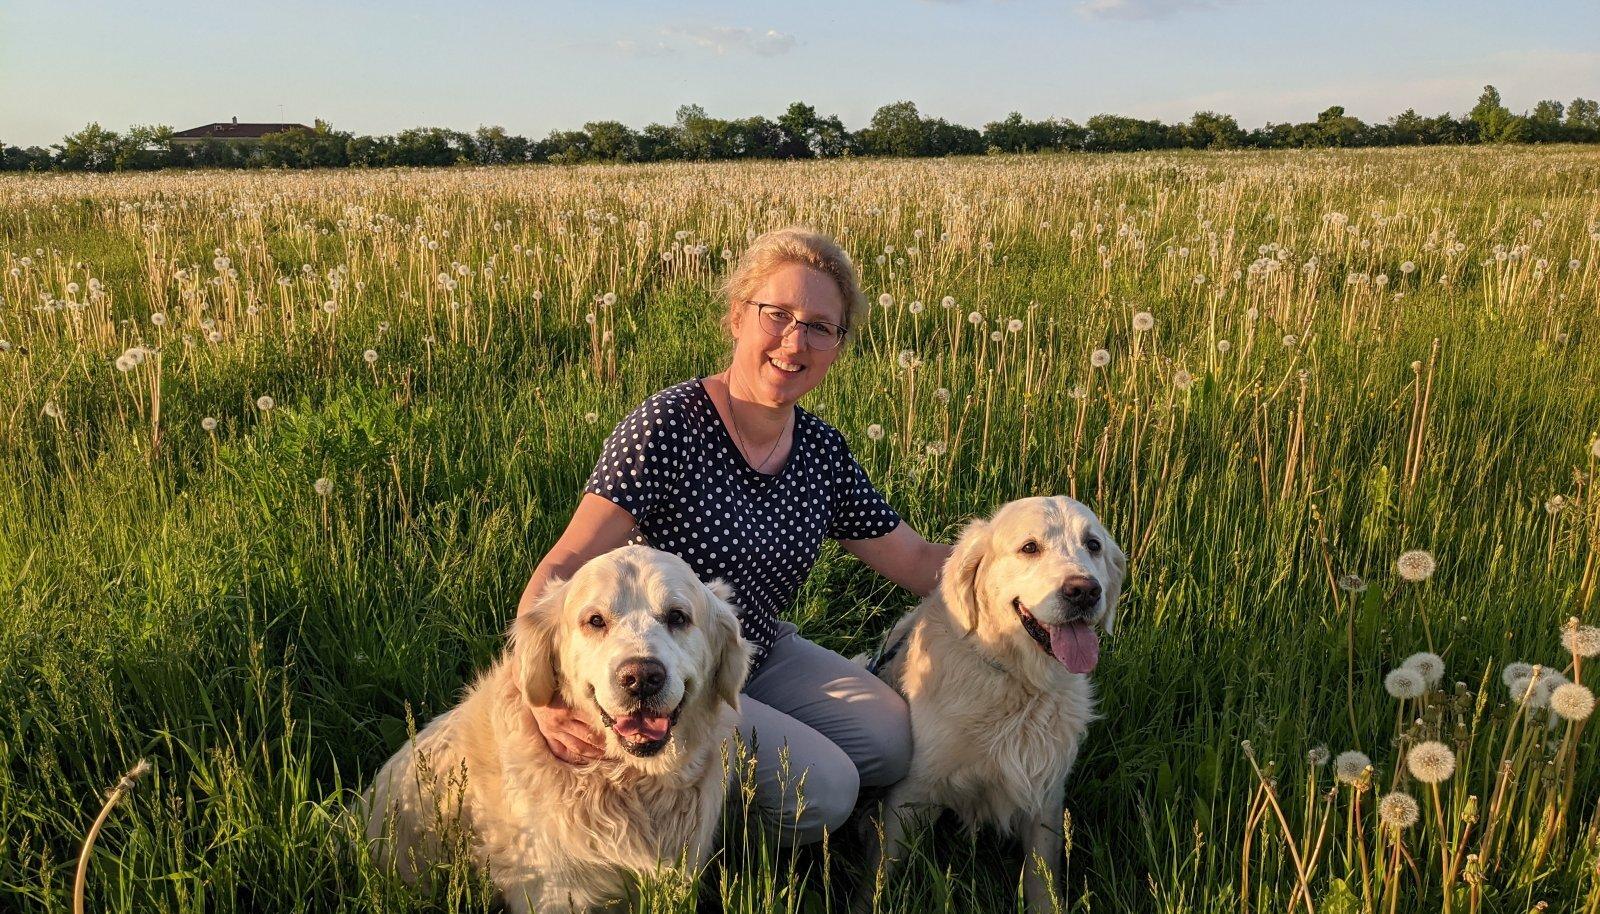 MATKAKAASLASED Lennu ja Ruudi viivad oma perenaise Krista meeleldi pikkadele matkadele nii Tartu kui Elva looduskaunitesse kohtadesse.